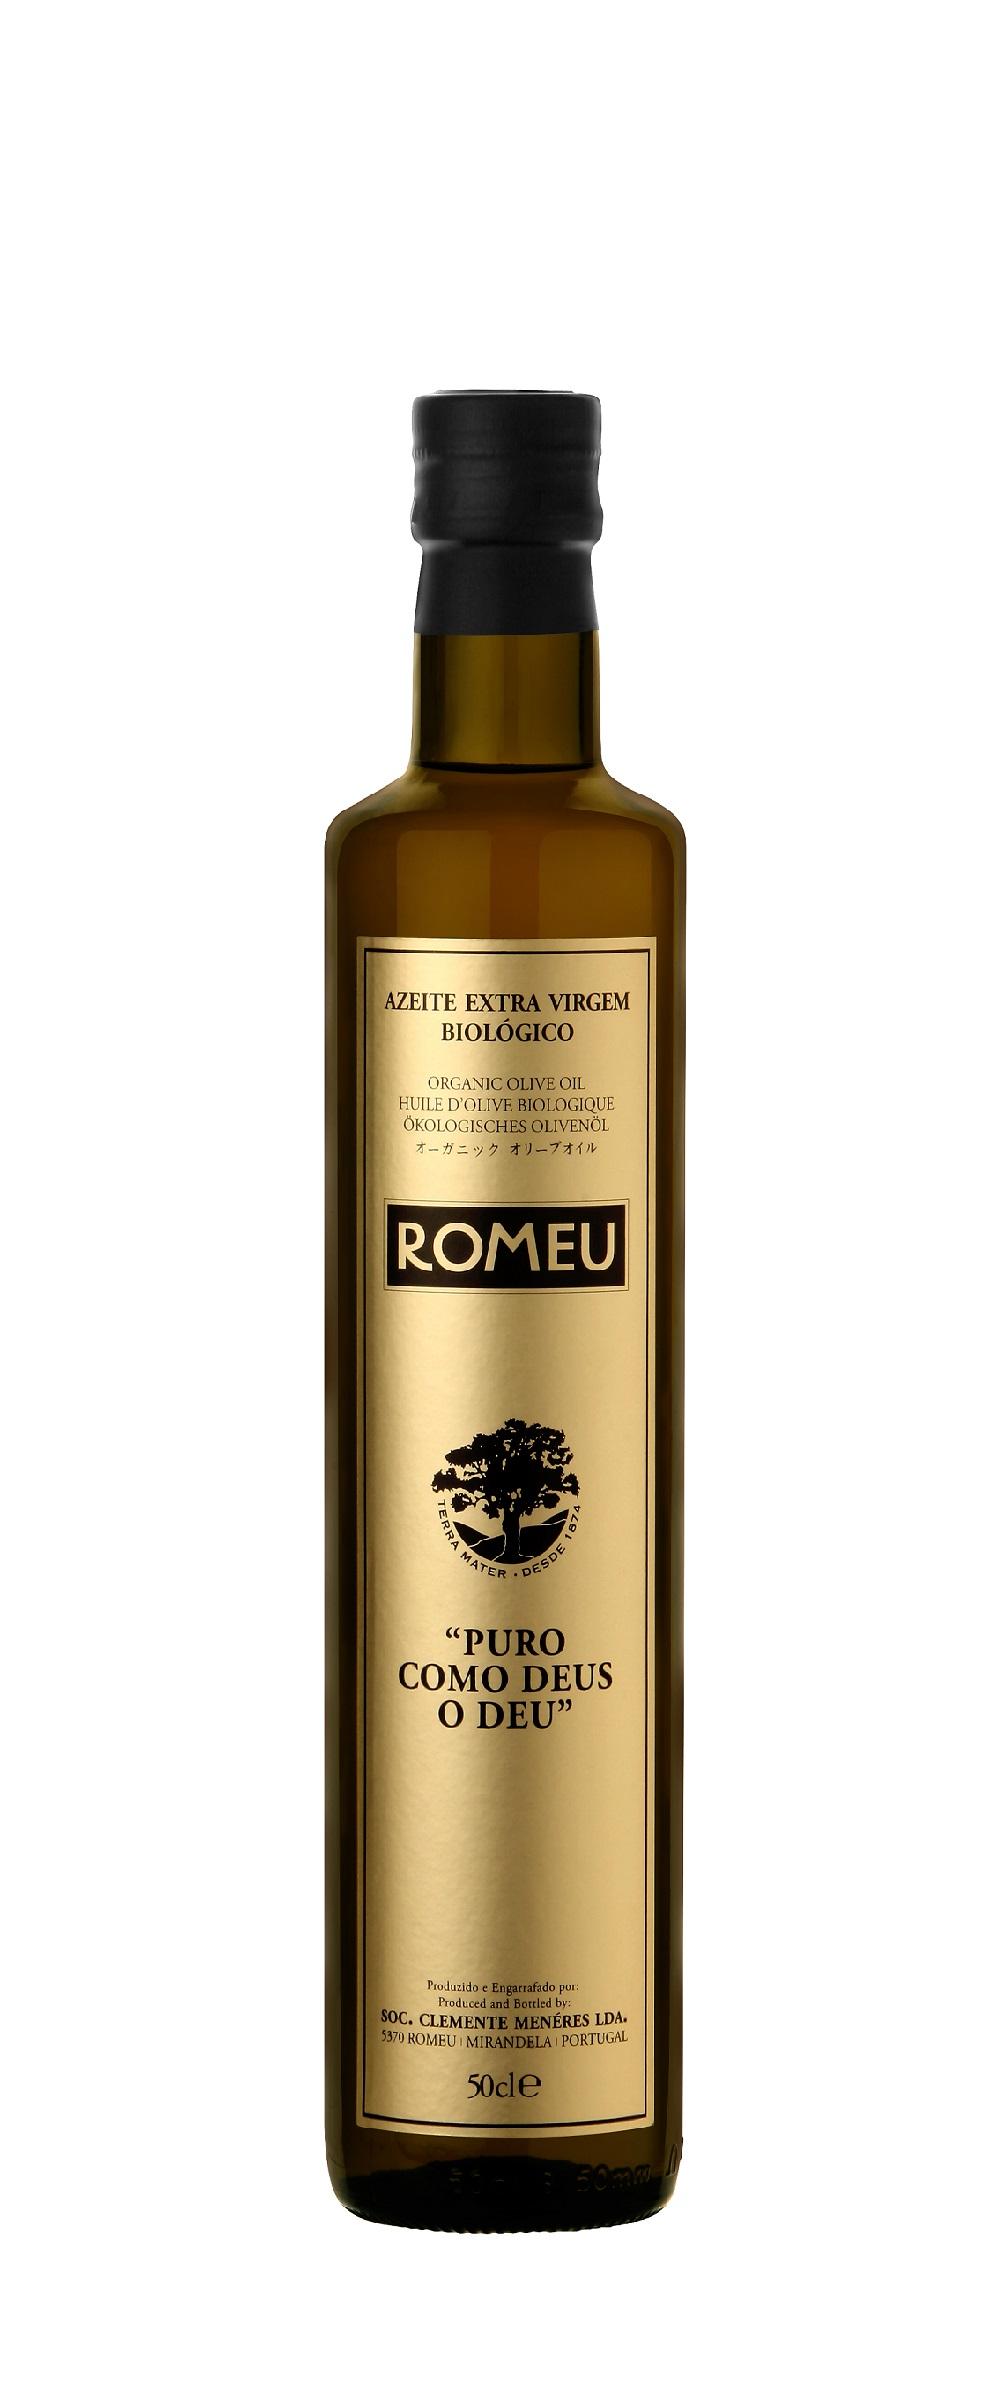 Azeite Romeu DOP Biológico 50cl.